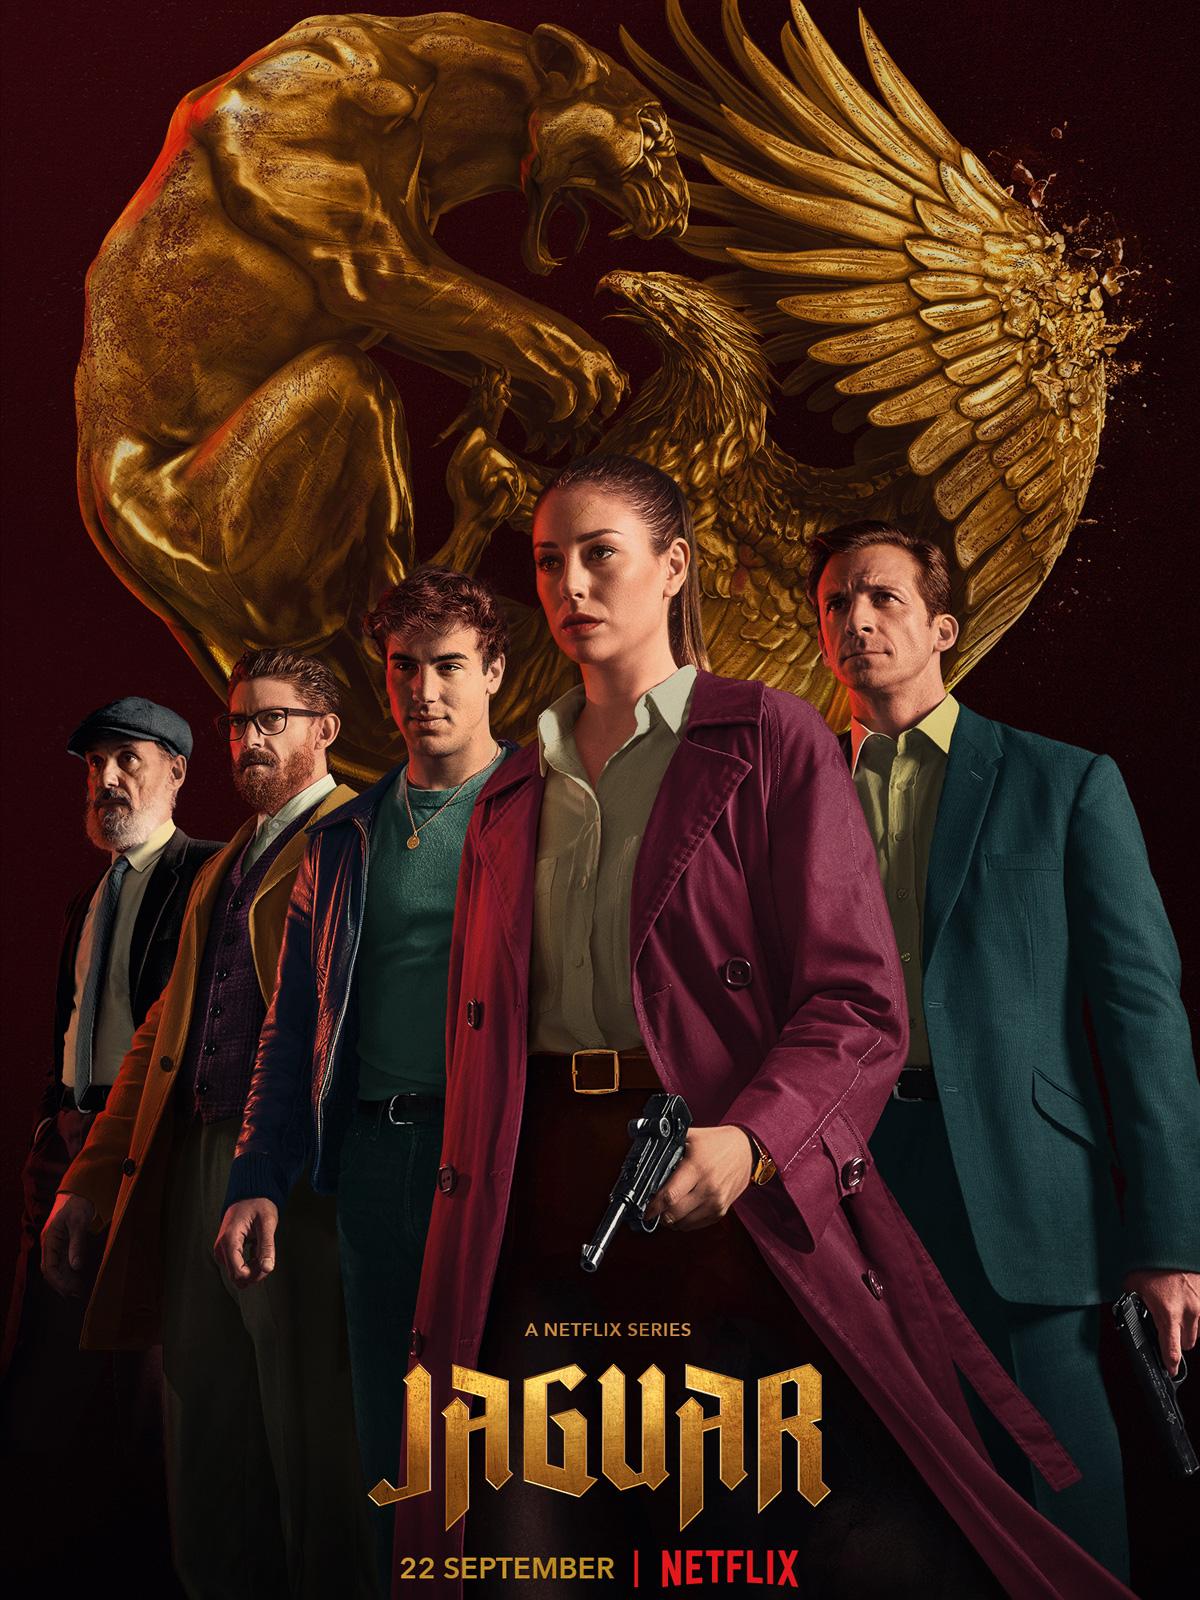 [心得] 美洲豹 Jaguar S01 (雷) Netflix 西班牙諜報劇